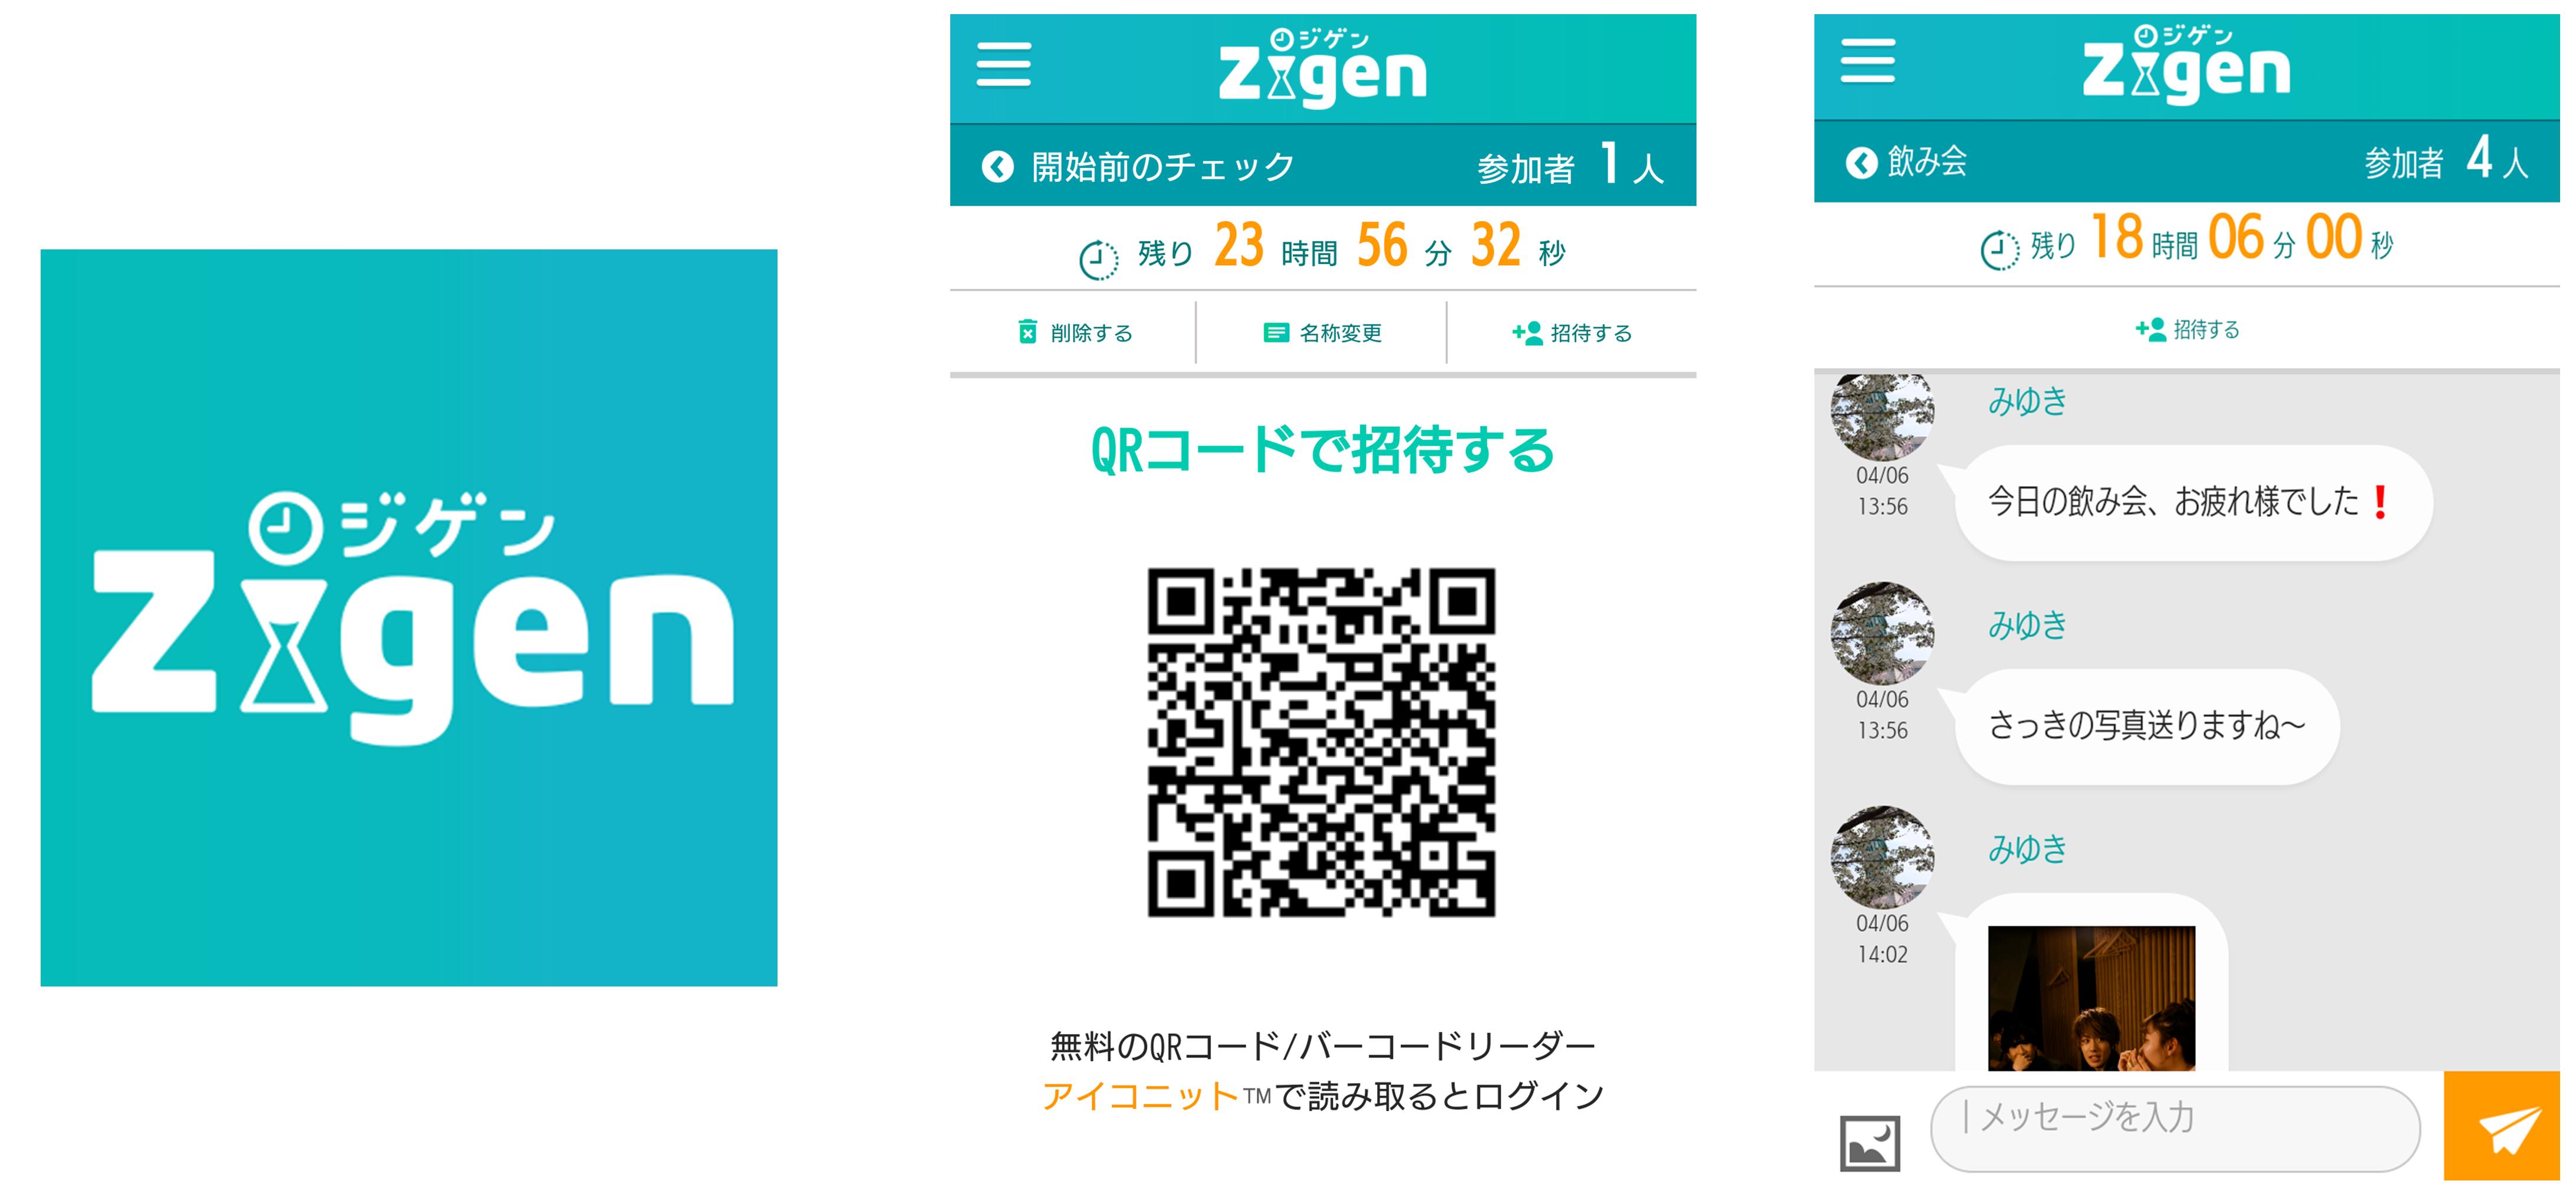 zigen_image